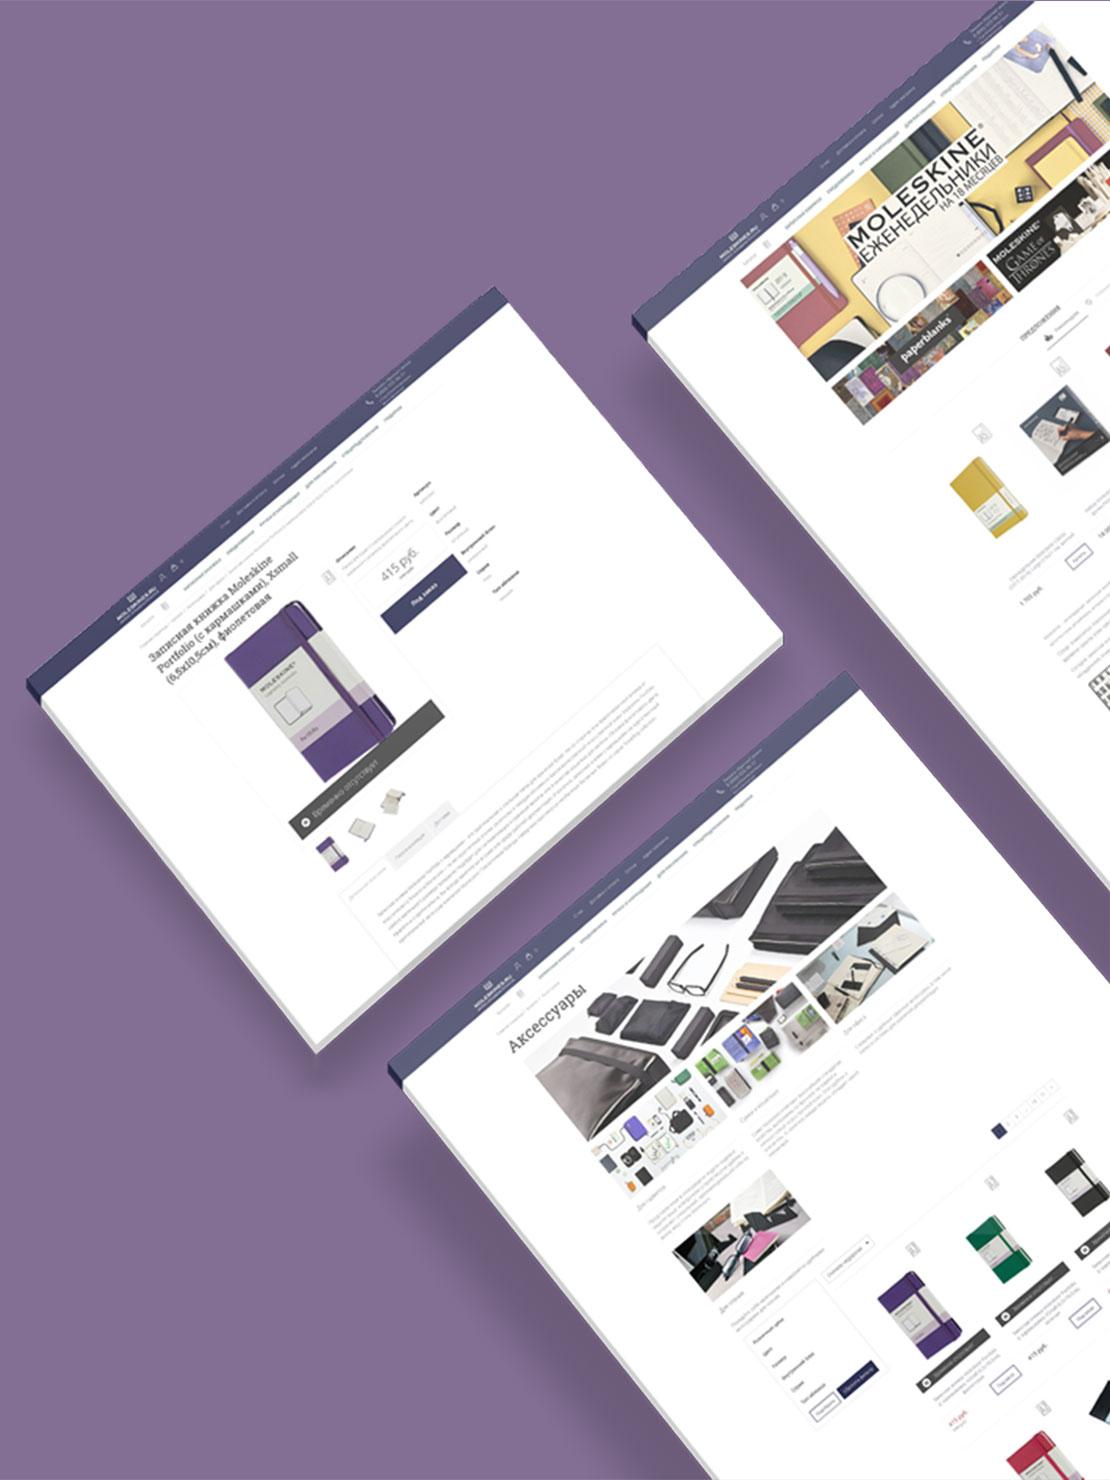 портфолио, сайт, красивое, оформление, кейсы, вольных, антон, отзывы, работы